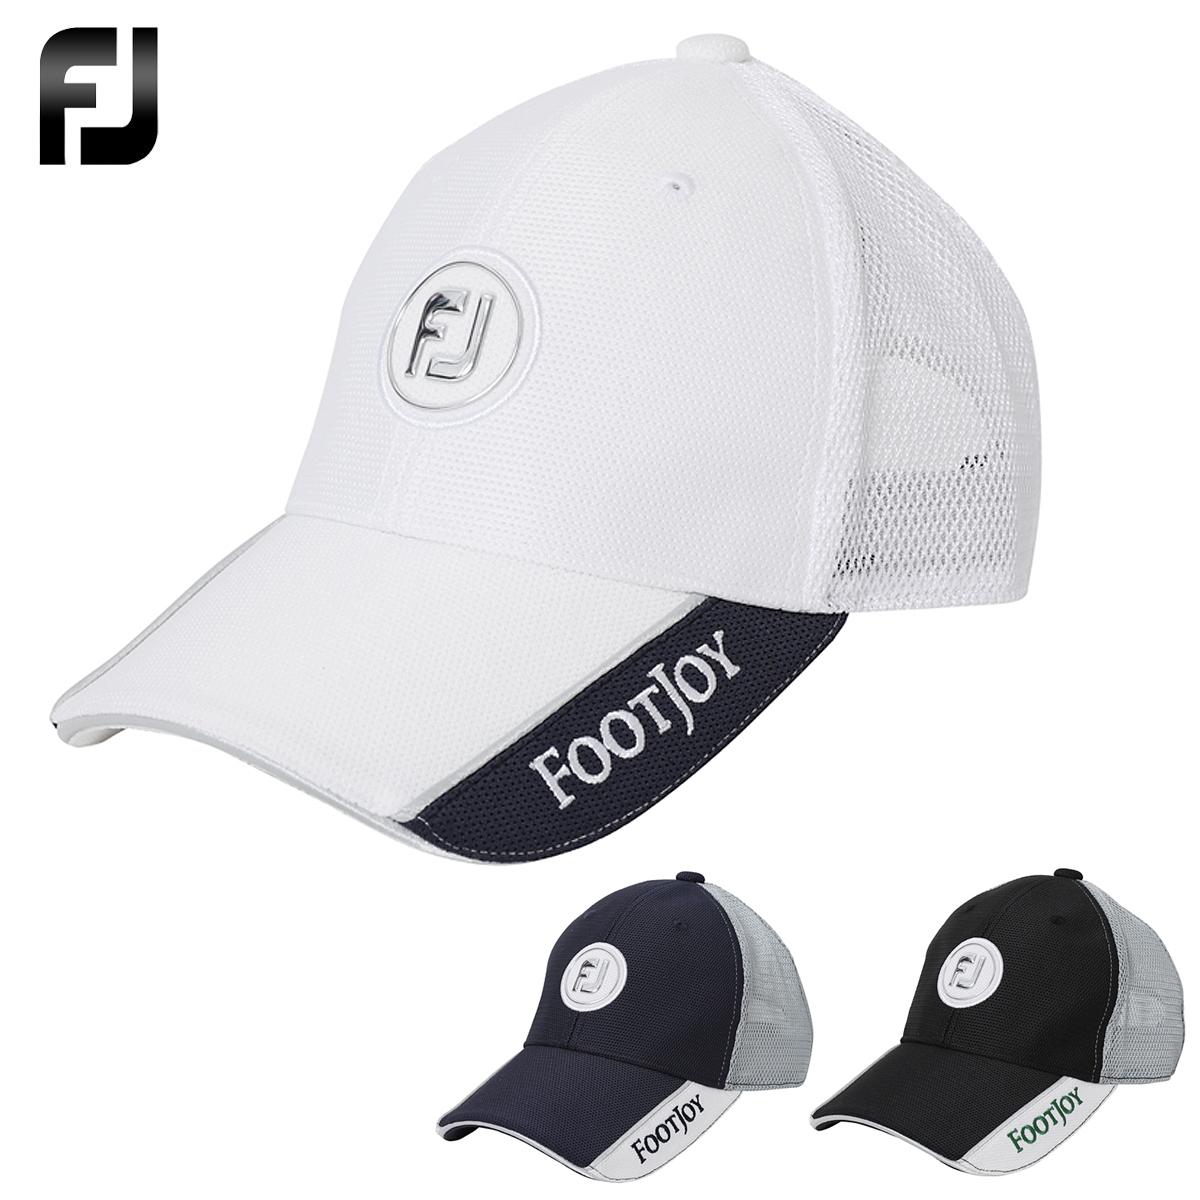 フリーズテックを裏地に使用 FOOTJOY 高品質新品 フットジョイ 日本正規品 あす楽対応 FJHW2104 クーリングキャップ 贈り物 2021新製品